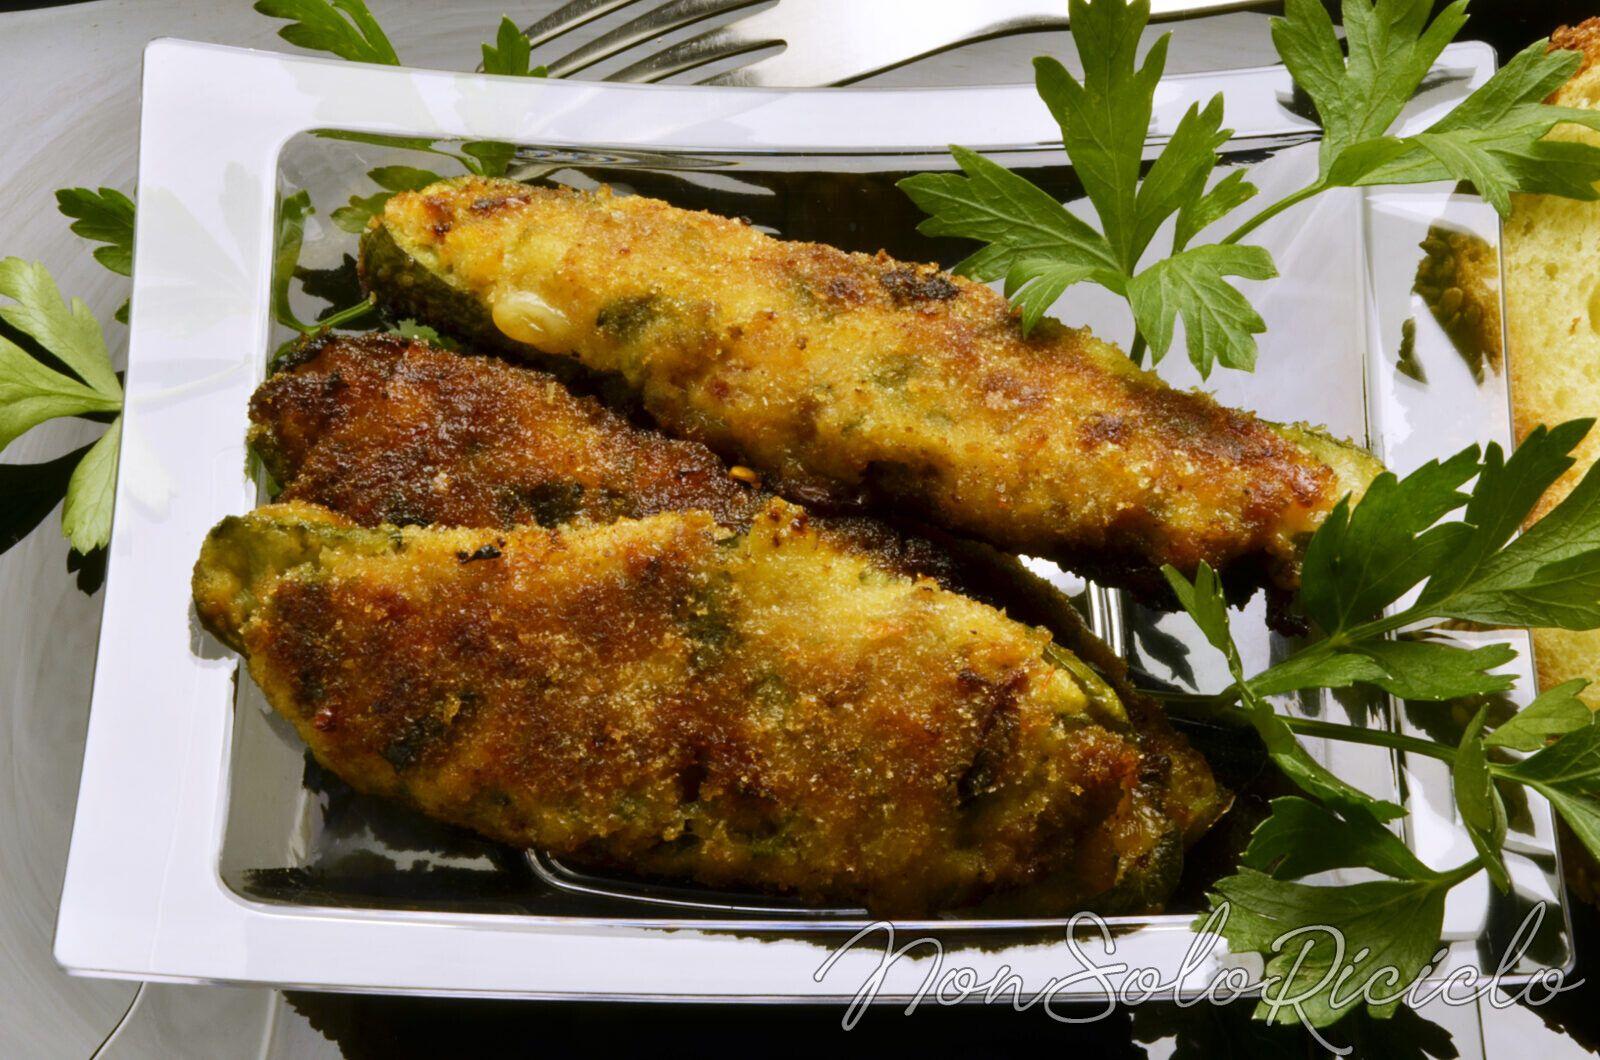 Zucchine ripiene al formaggio e prosciutto: Molto meglio dei cordon bleu!